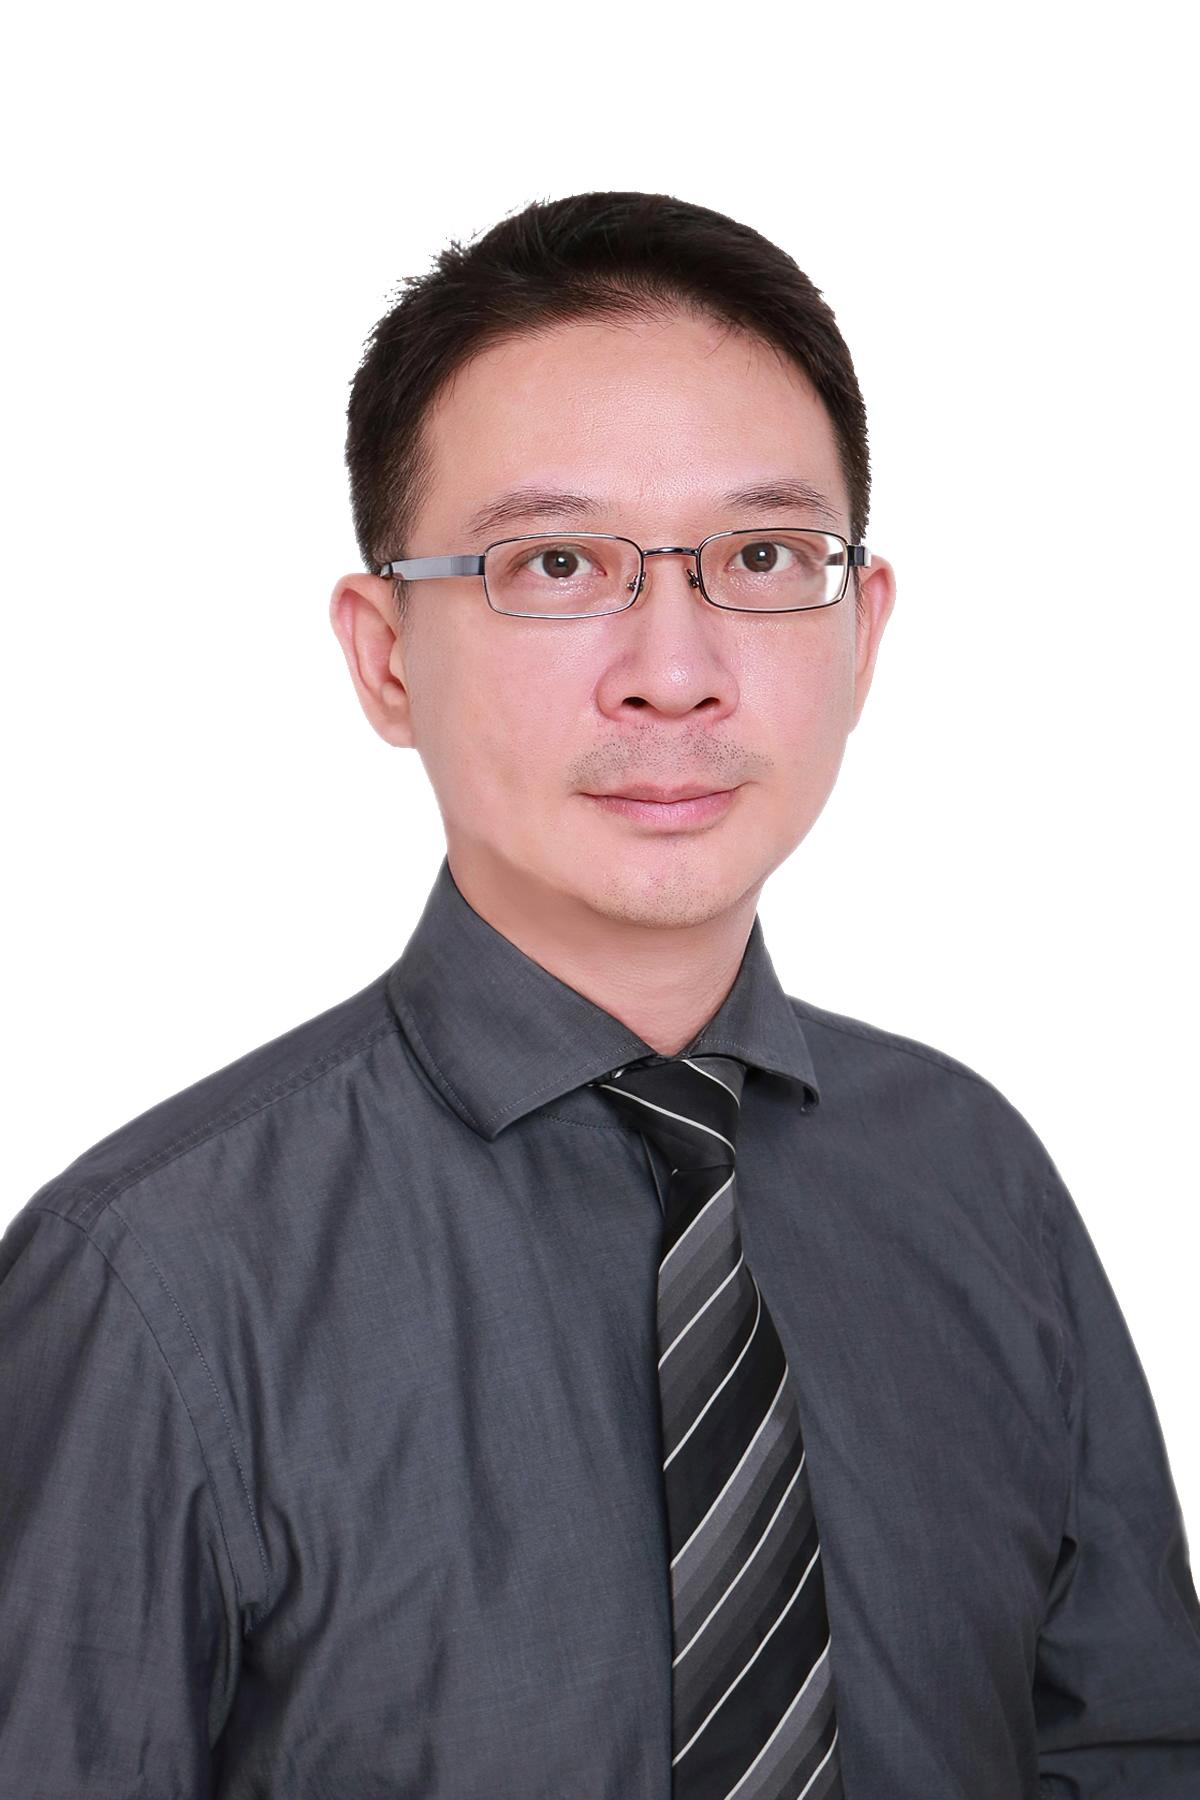 Zhe Jing